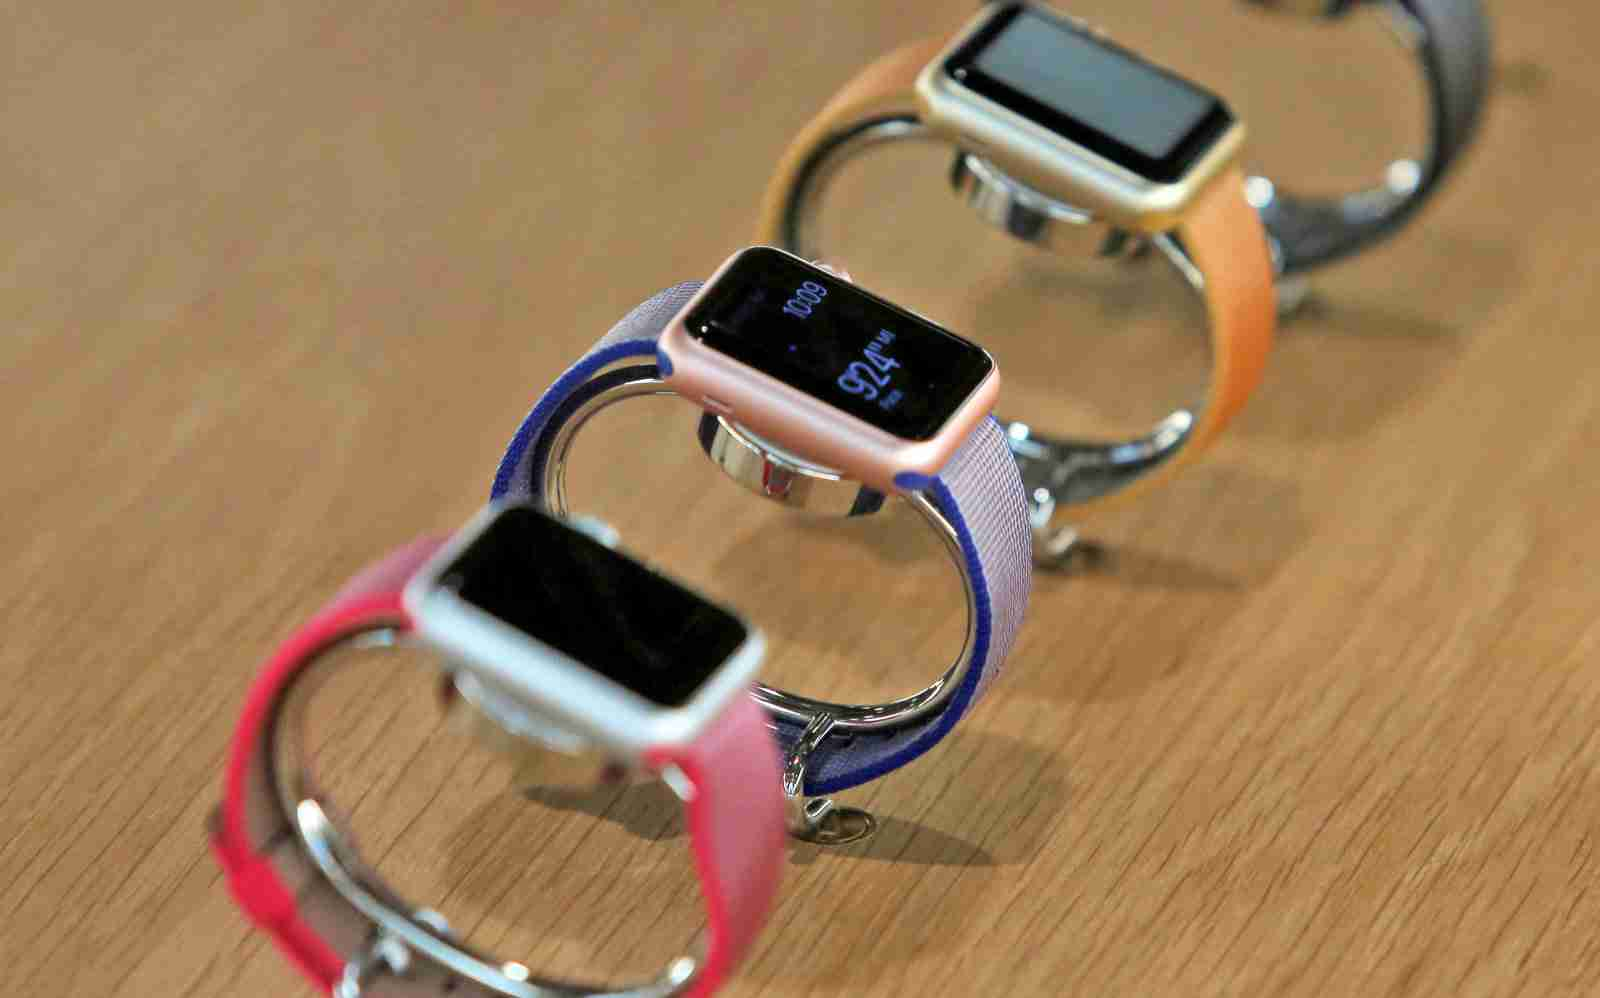 Apple Watchが少女の命を救うきっかけに?異常な心拍数を検知し、重篤な腎疾患が発覚 - Engadget 日本版